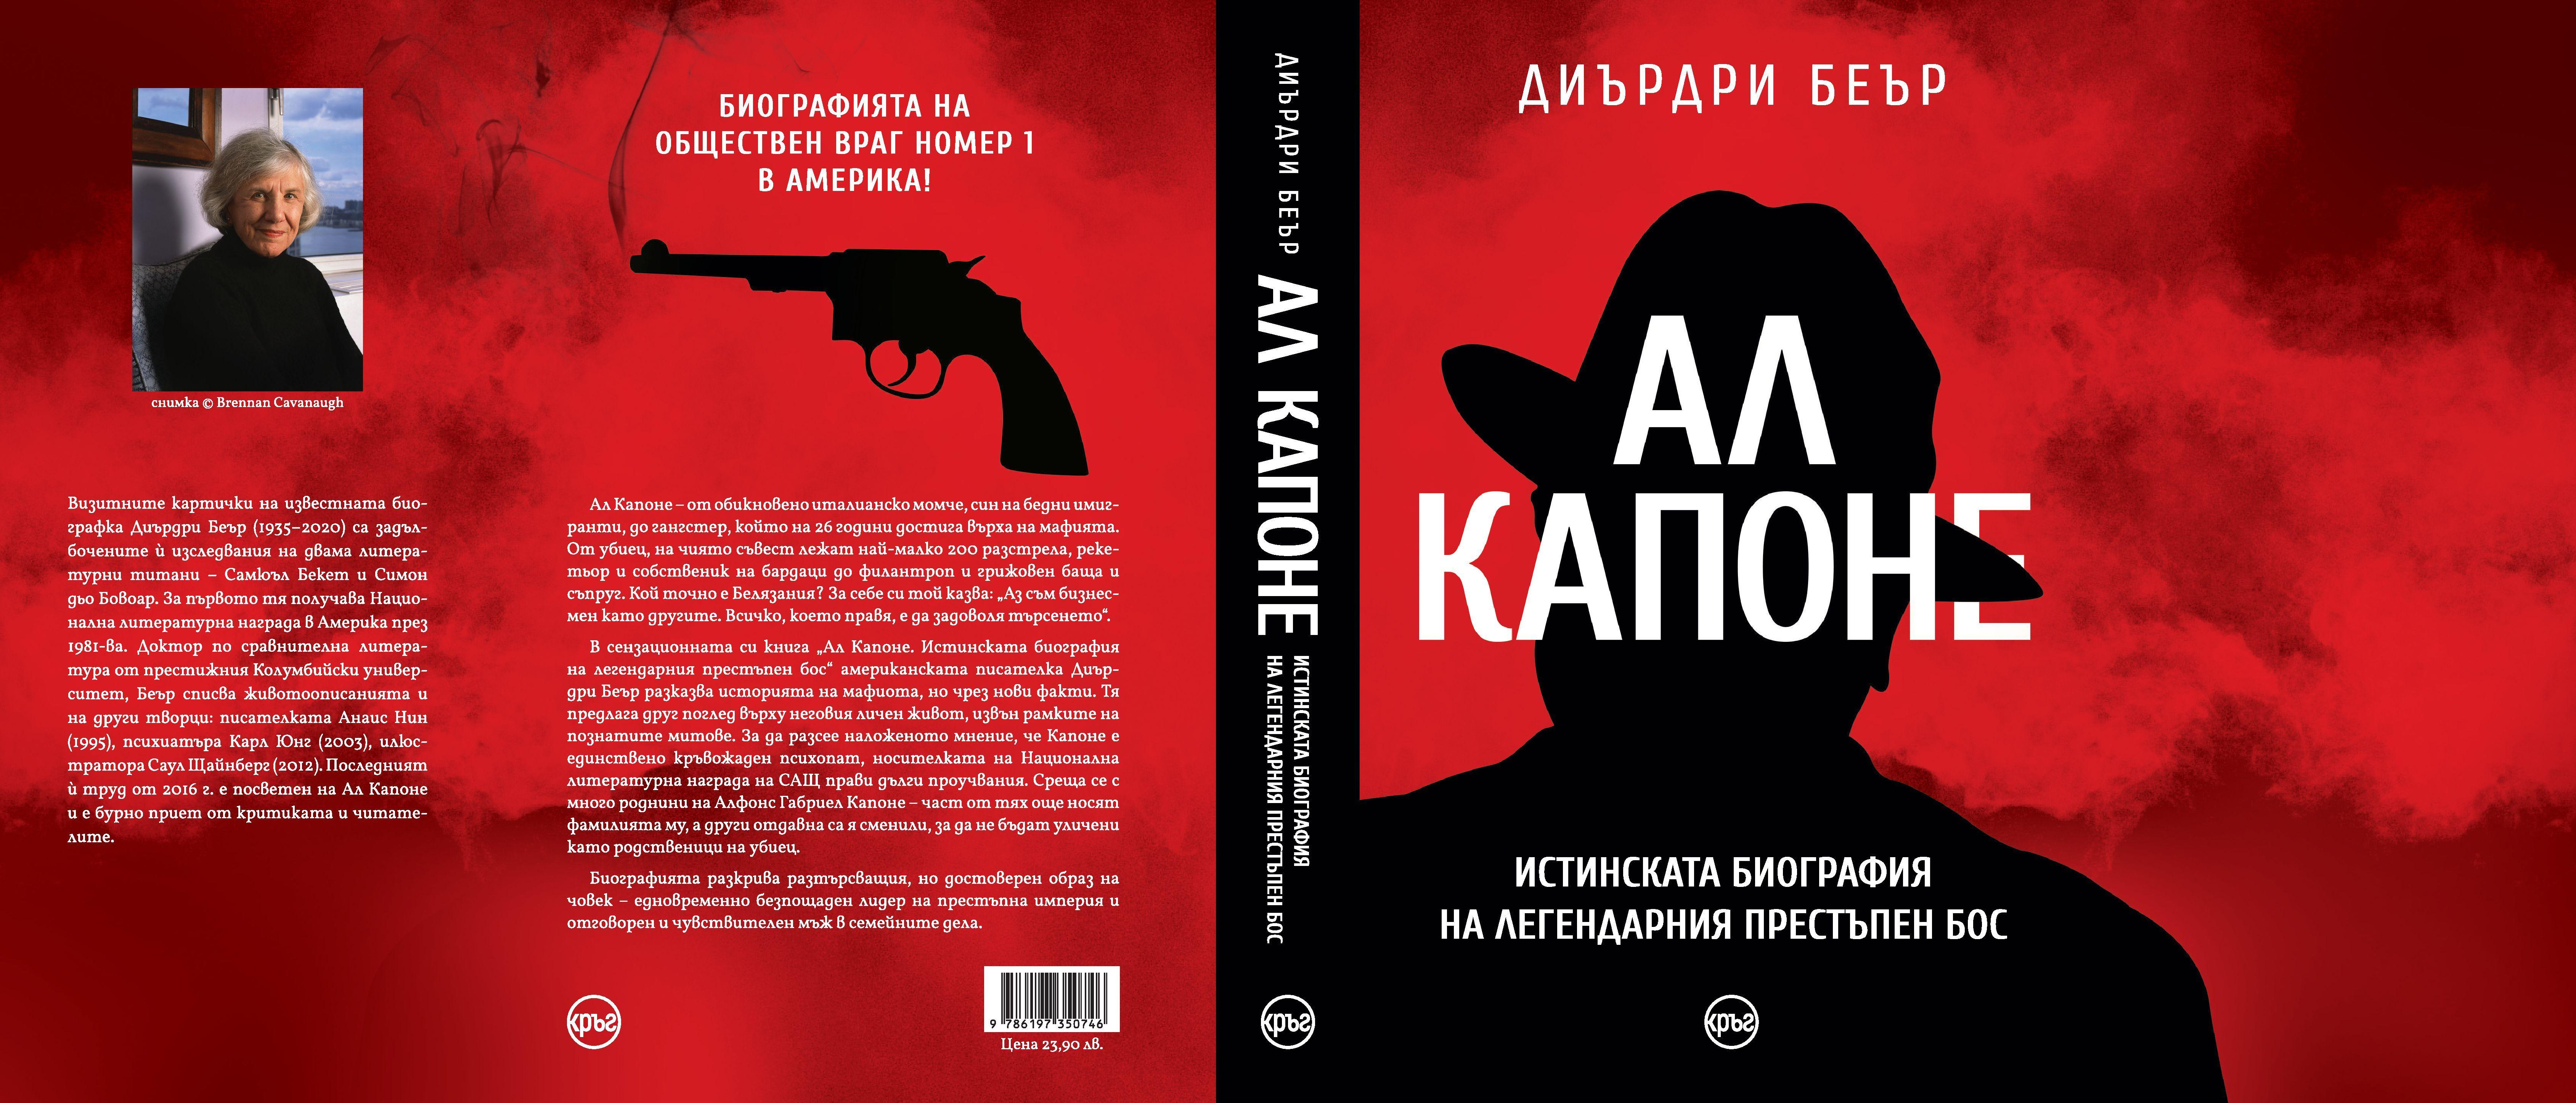 Ал Капоне. Истинската биография на легендарния престъпен бос - 2